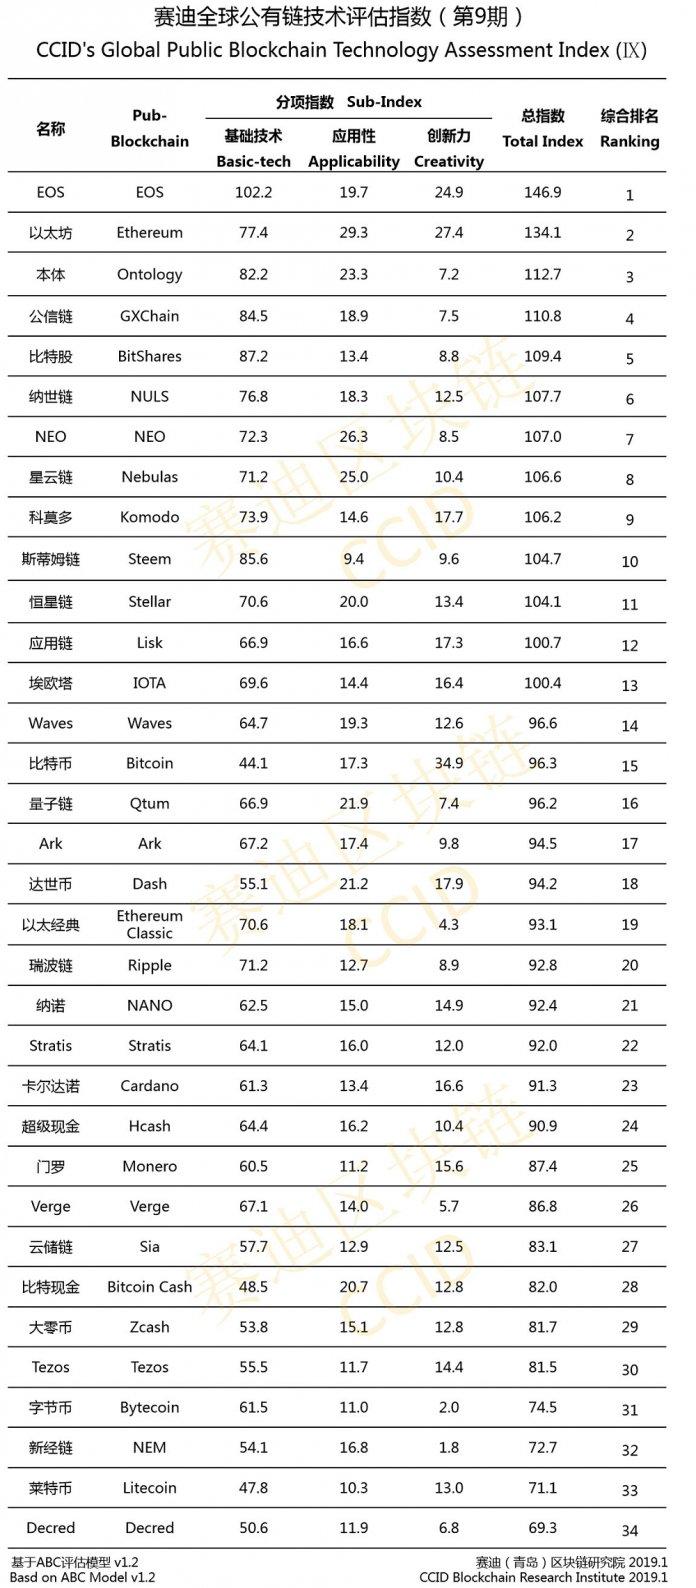 рейтинг от CCID за январь